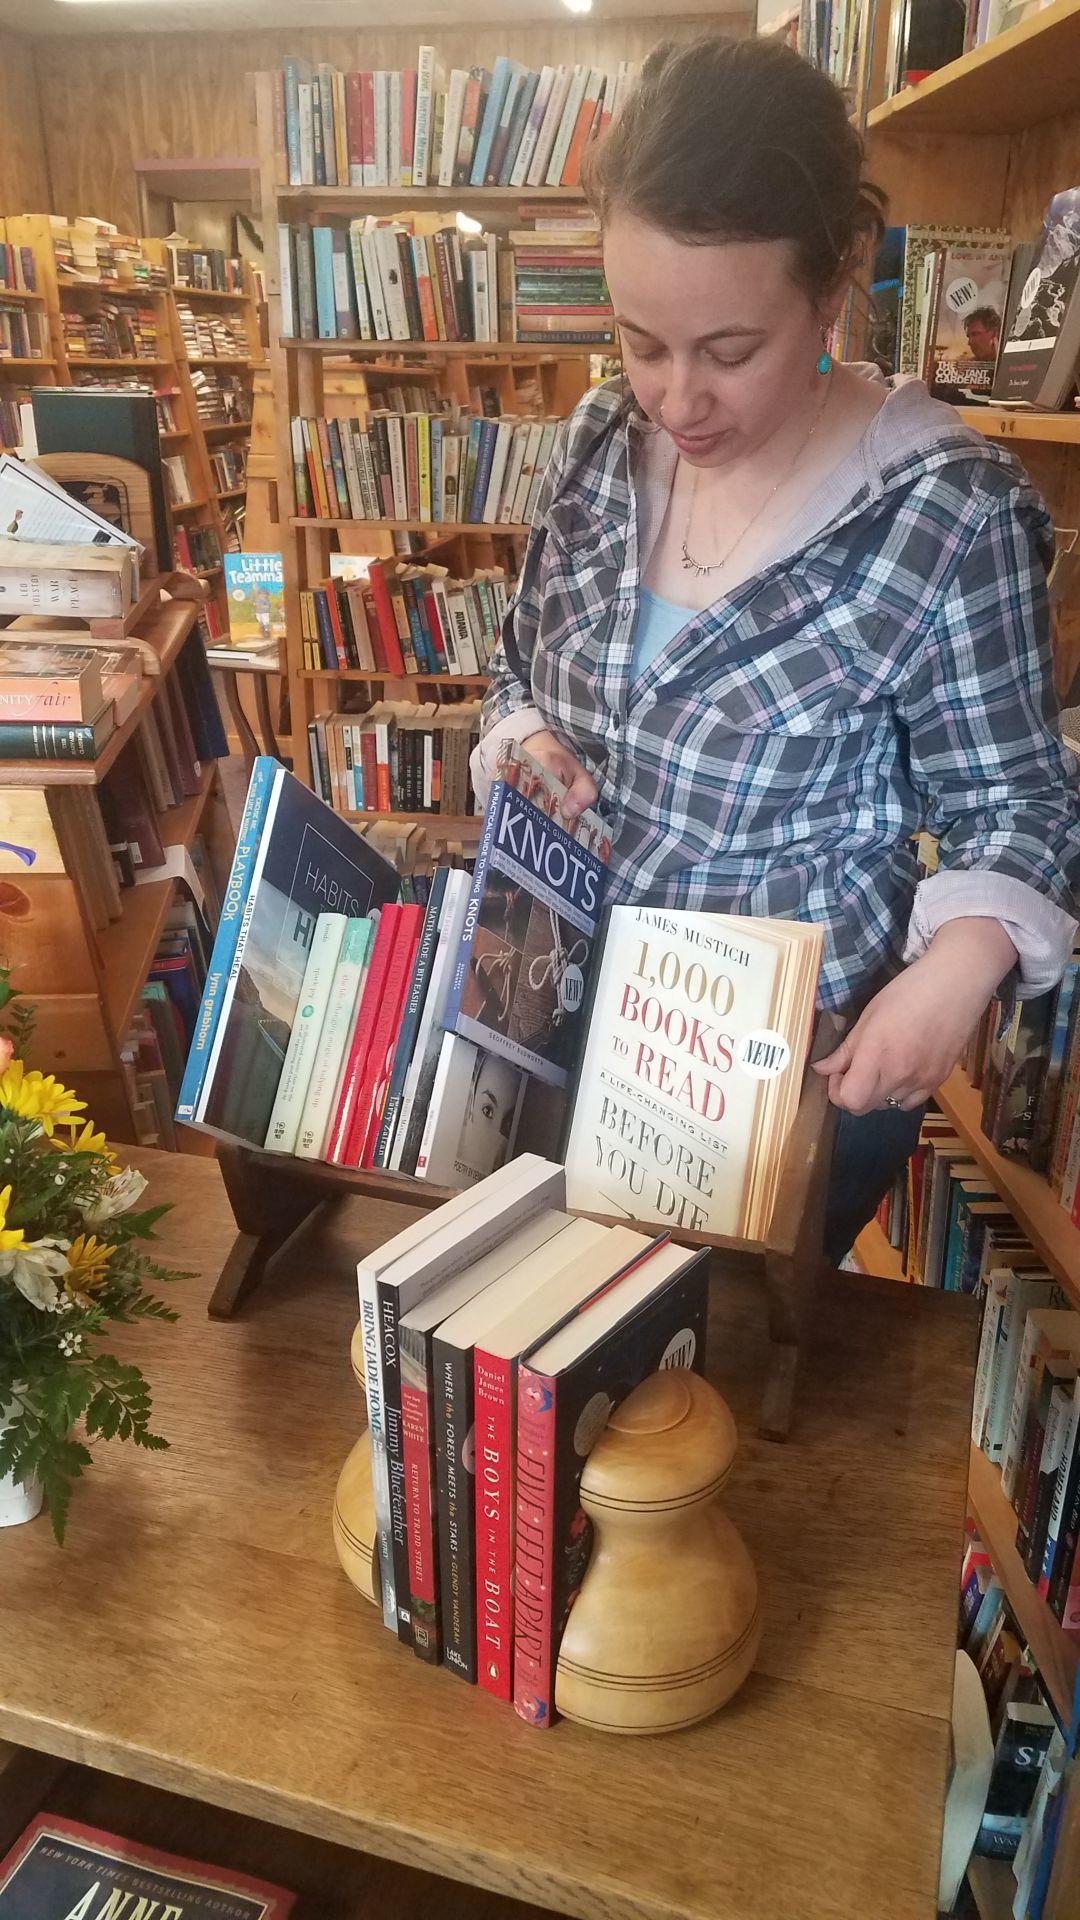 Browsing Bison books